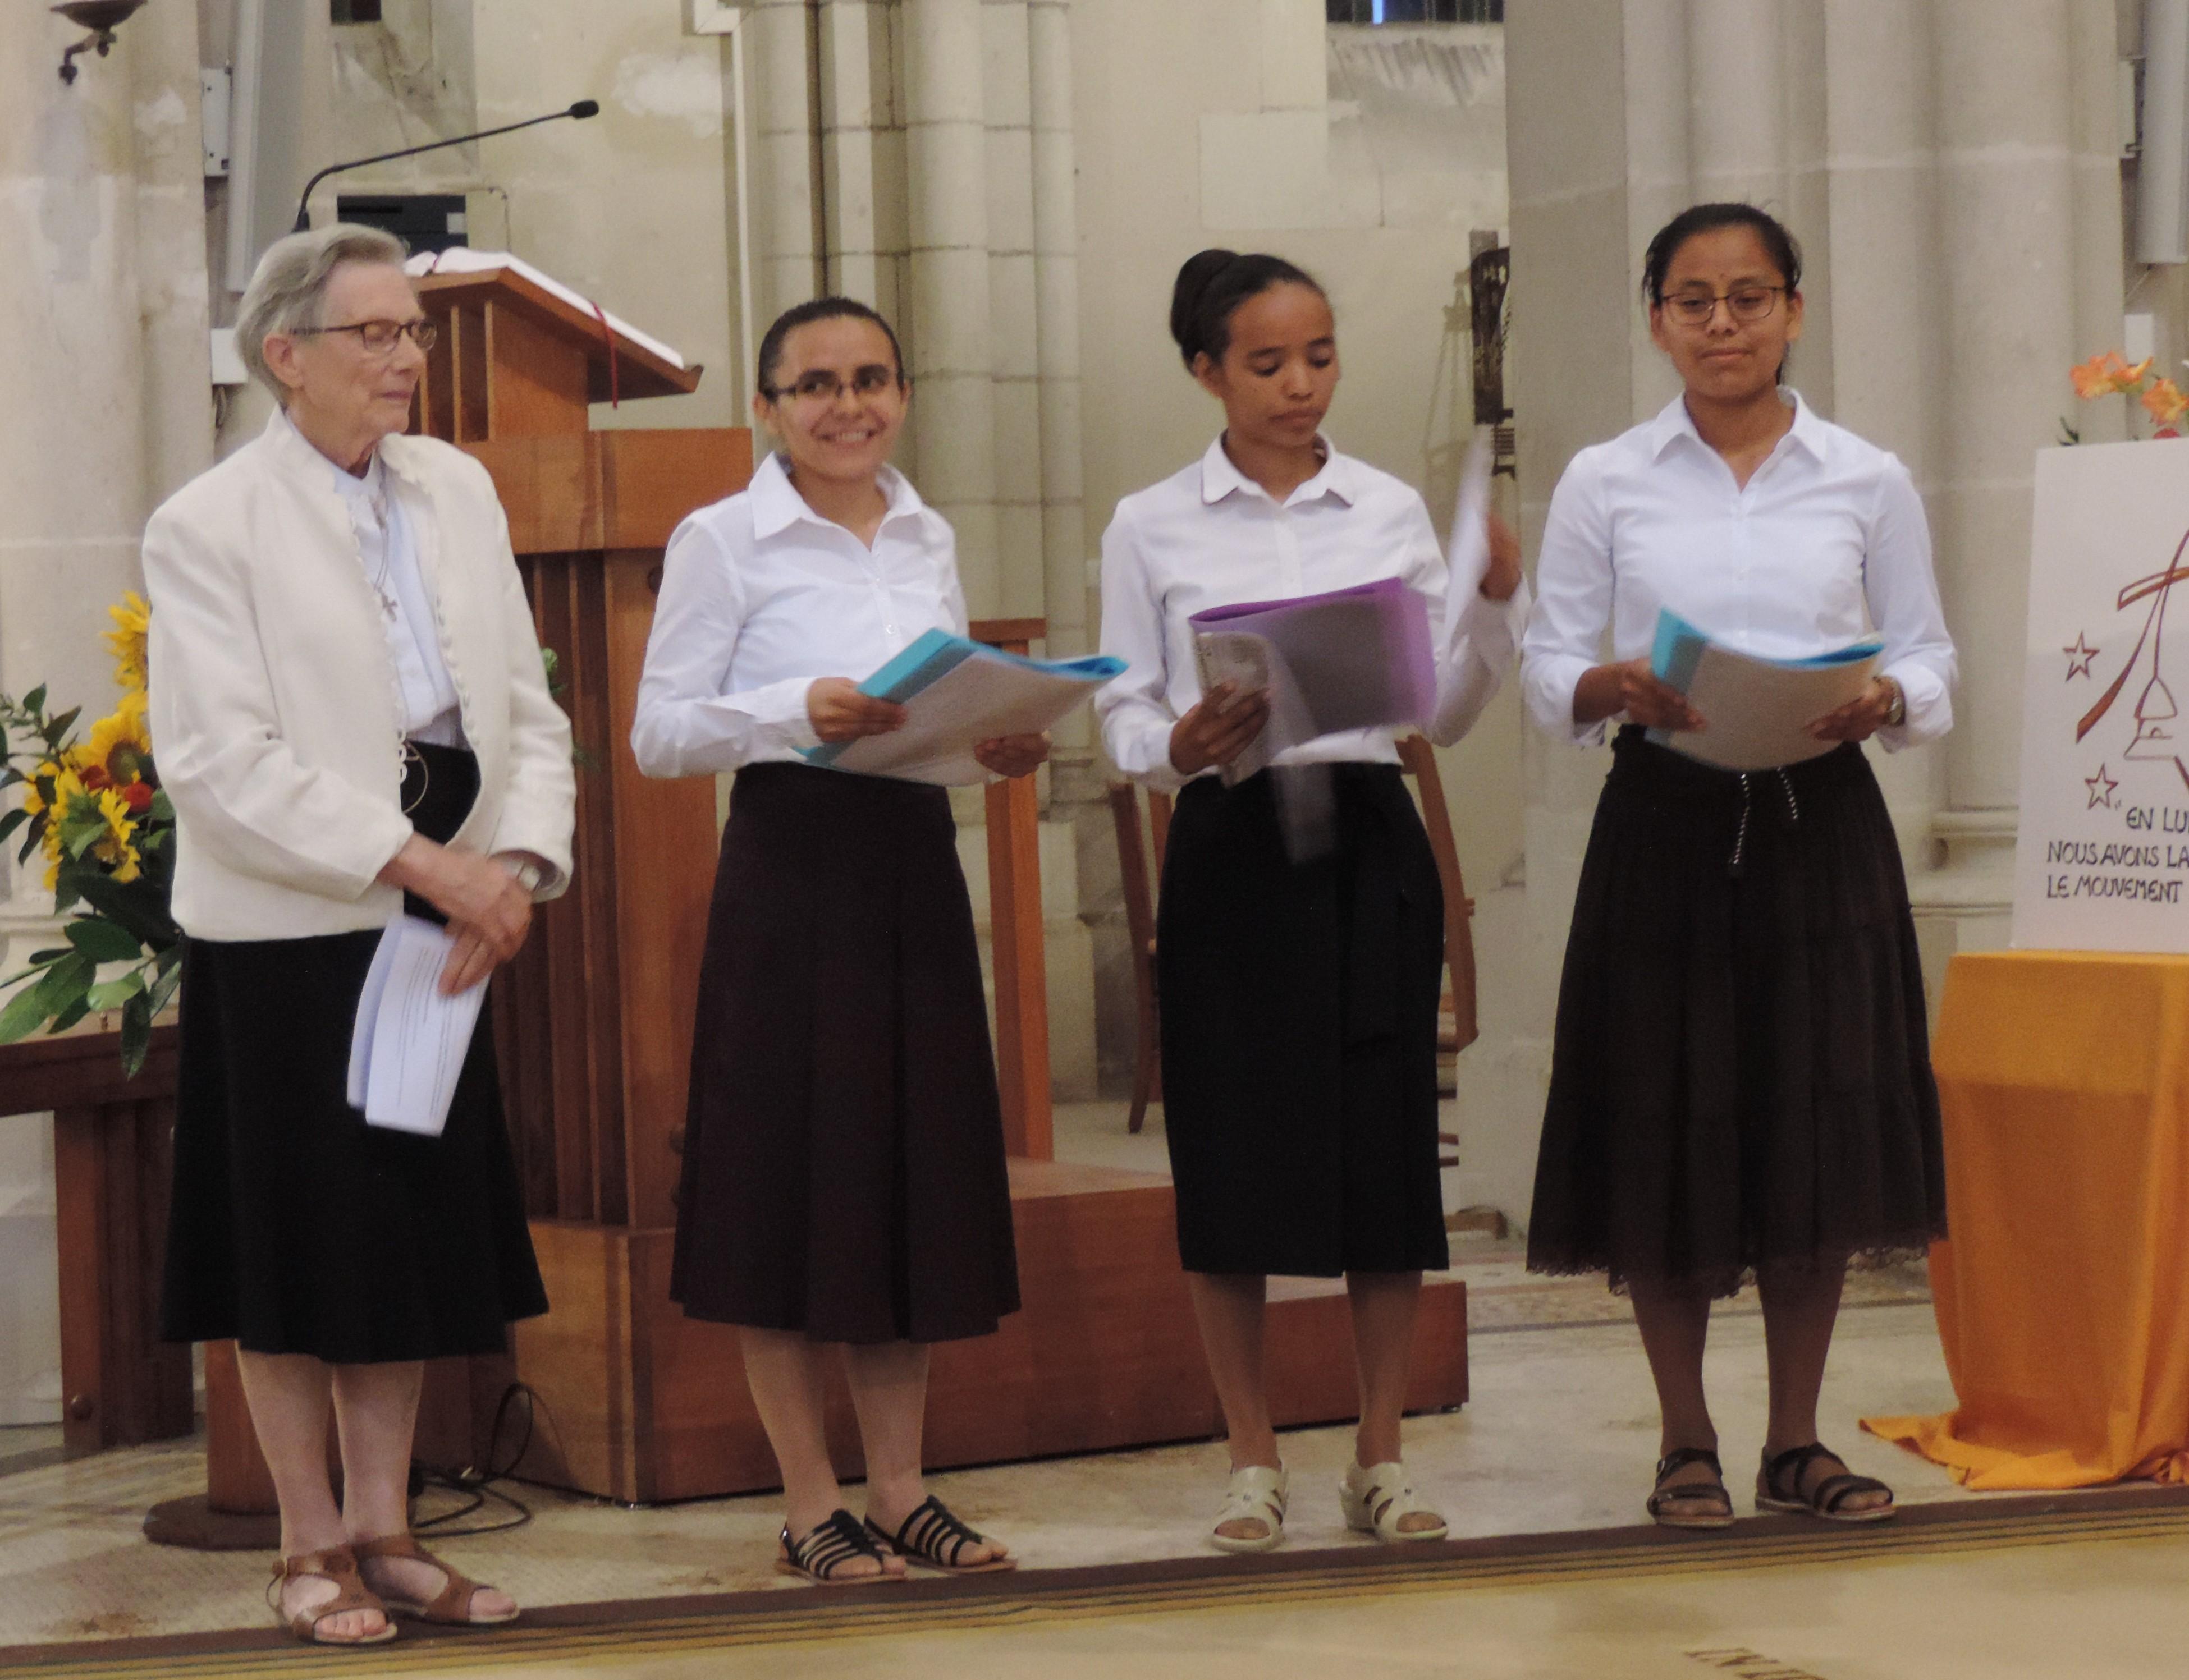 Célébration de profession religieuse à la Pommeraye